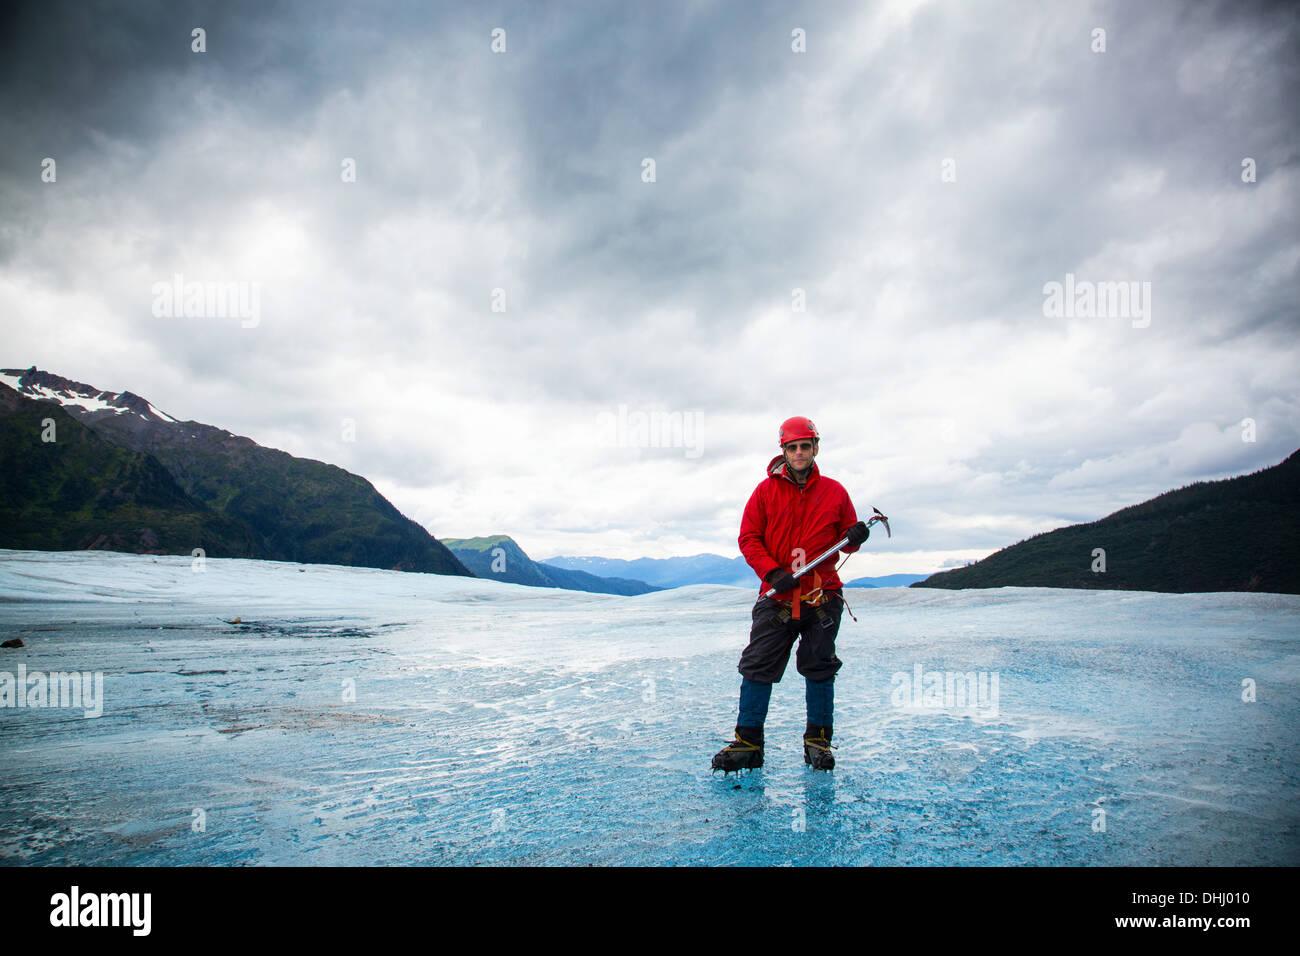 Man with ice pick on Mendenhall Glacier, Alaska, USA - Stock Image